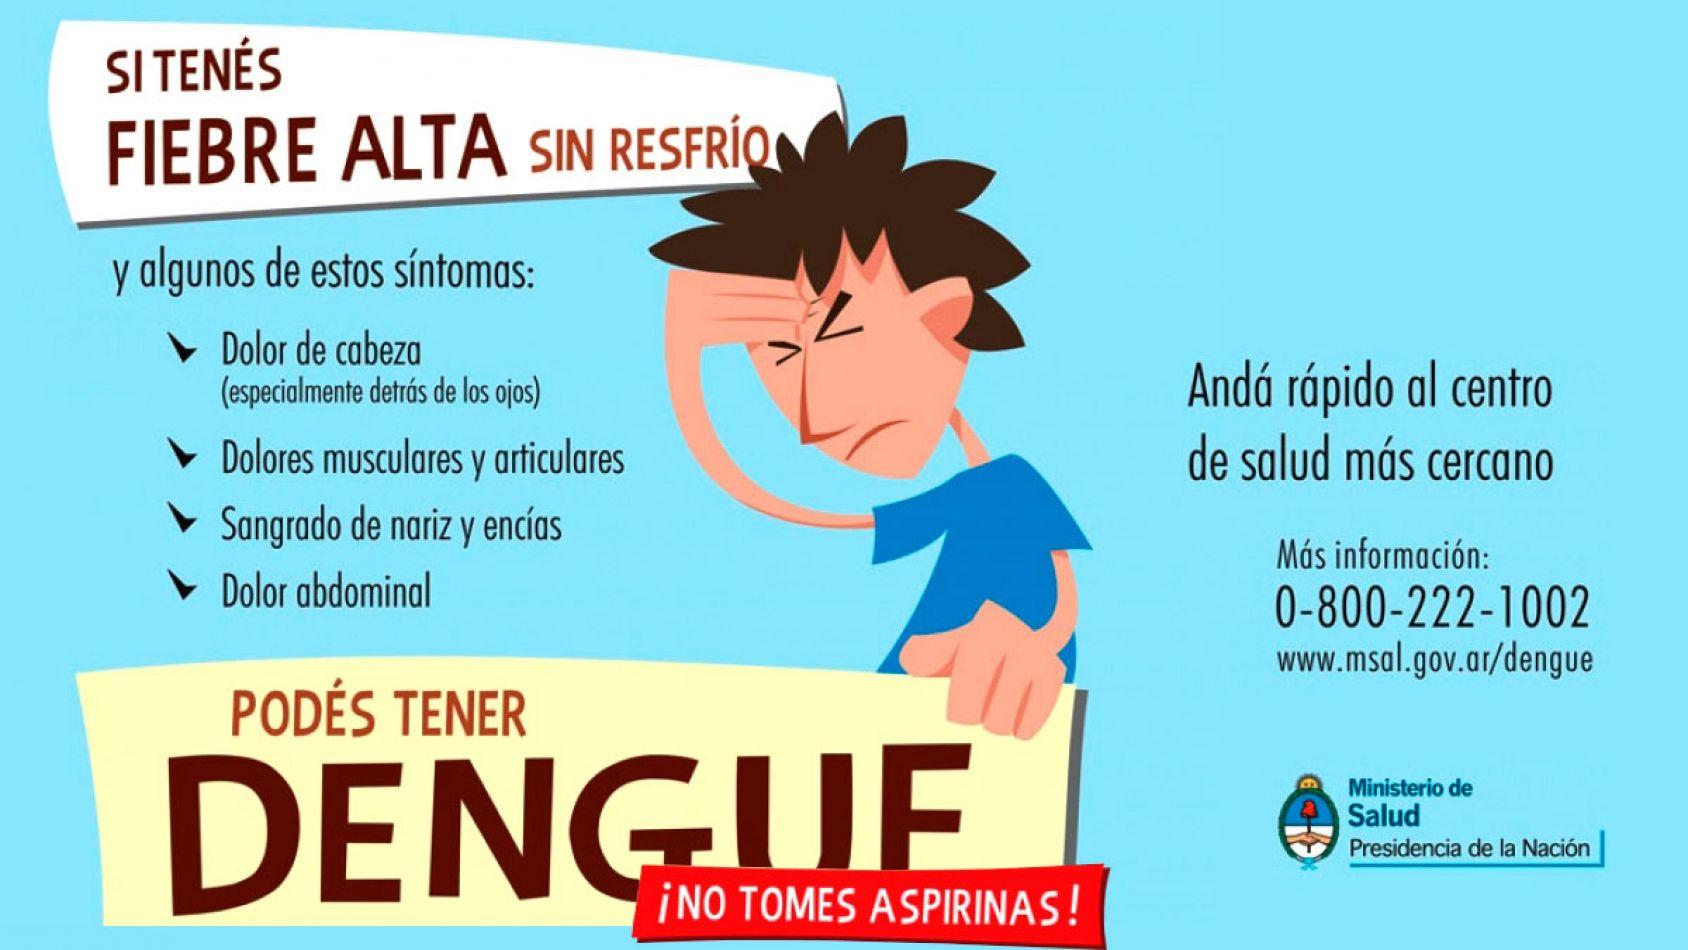 ¿Qué es el Dengue y cuáles son sus síntomas?